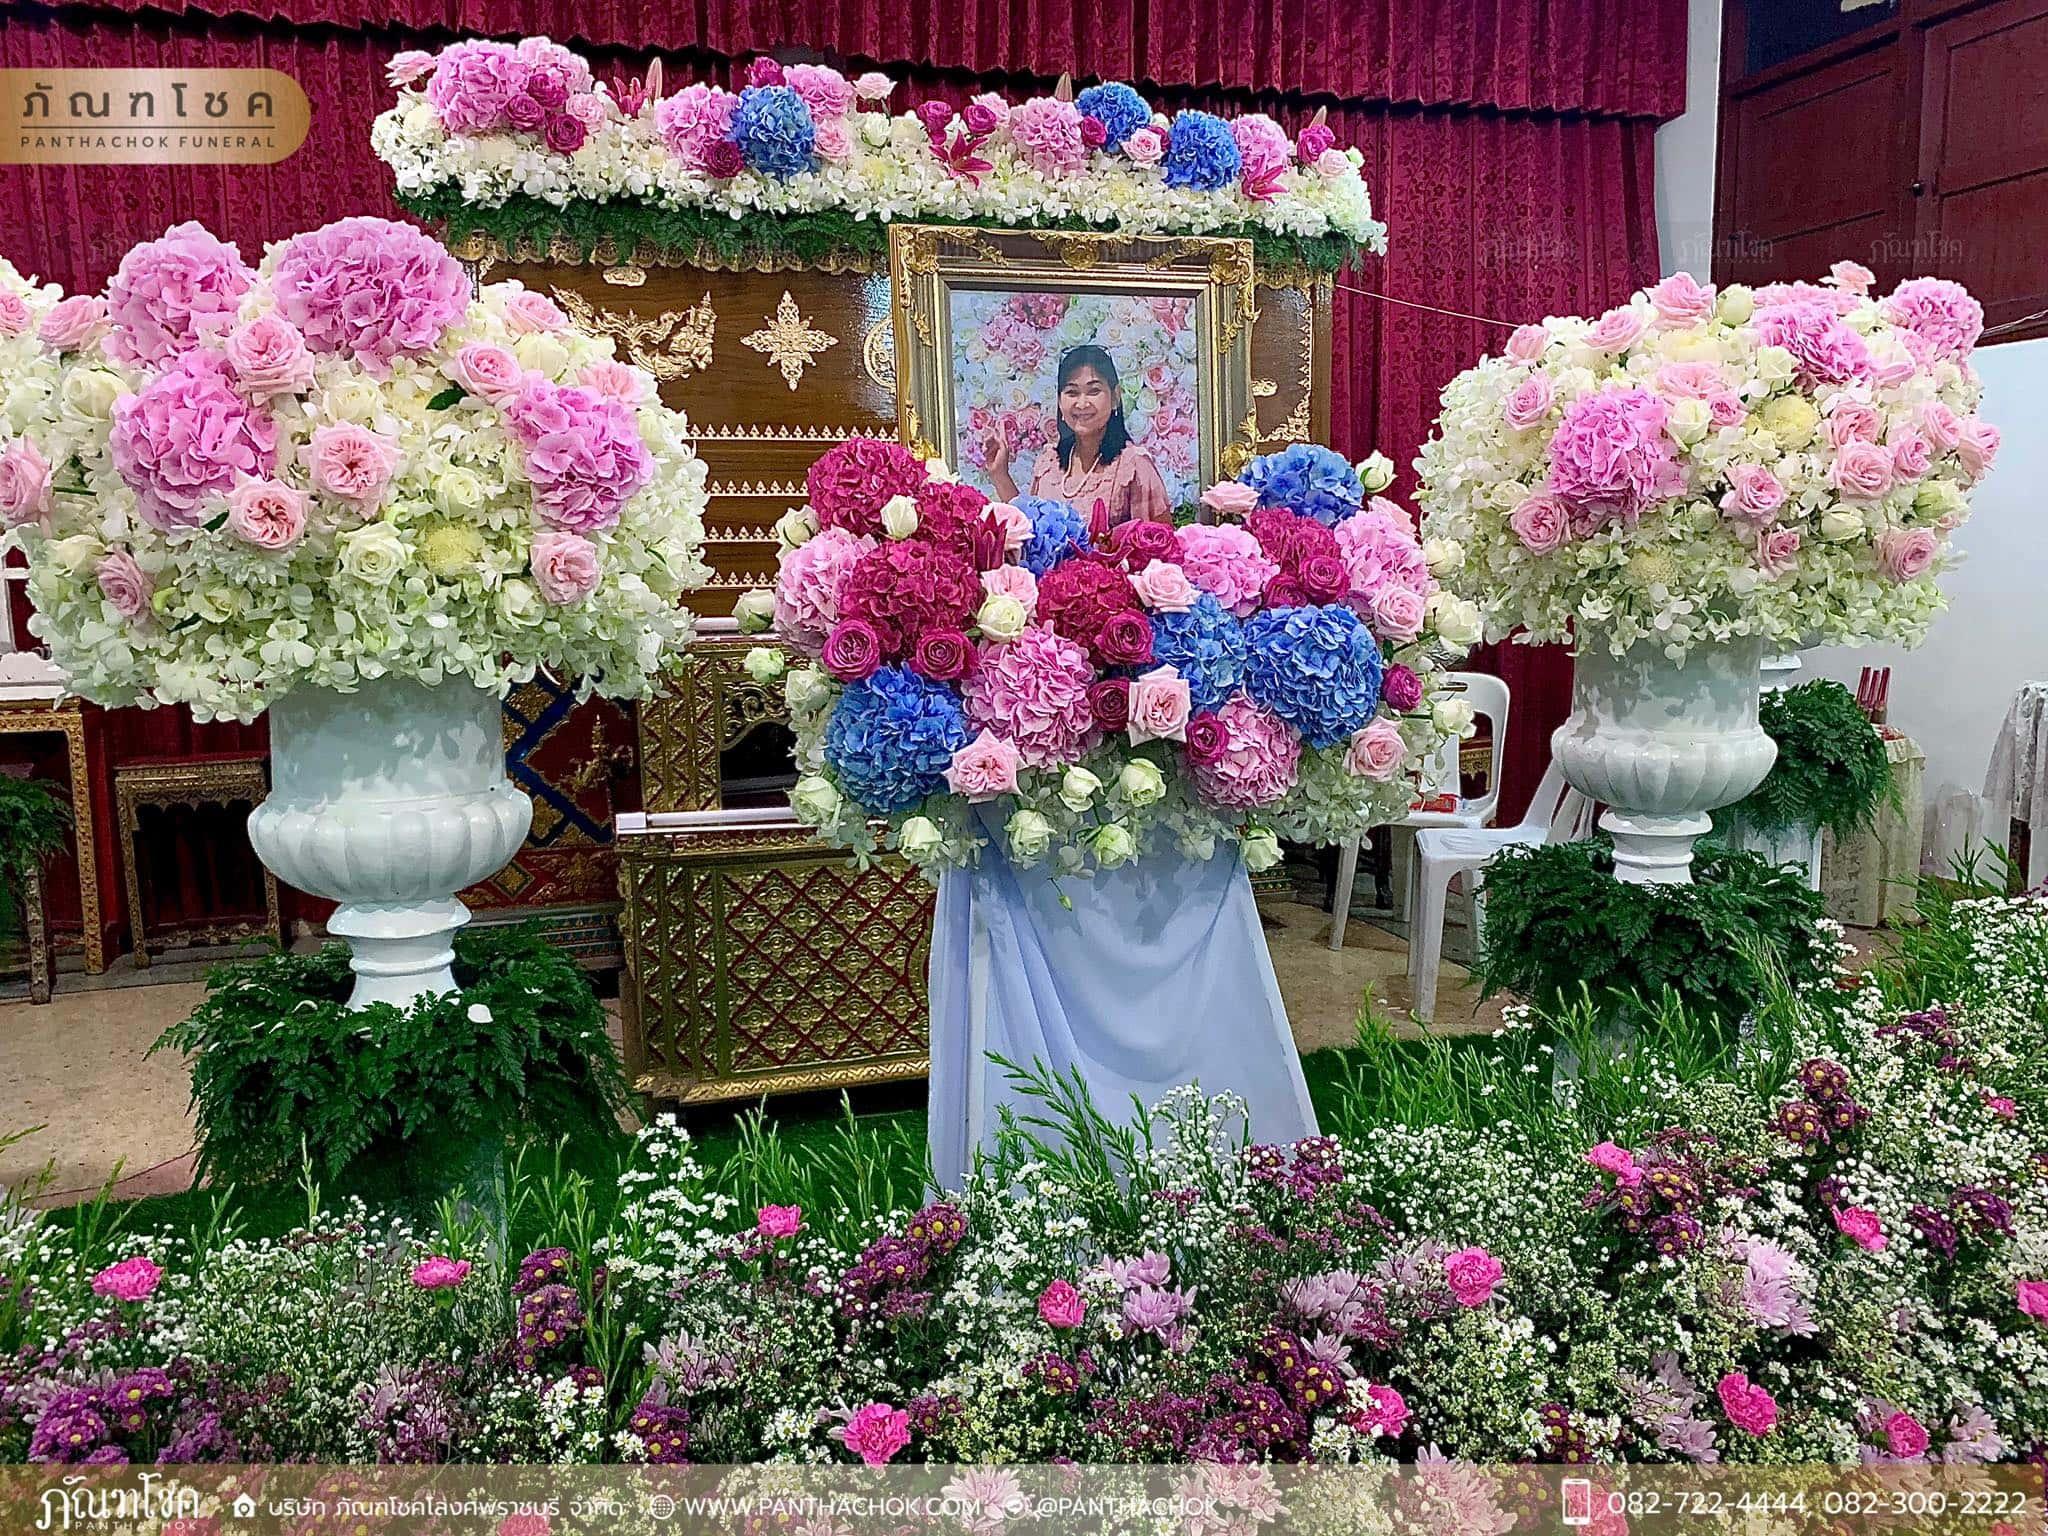 ดอกไม้หน้าหีบสีหวานสดใส ณ วัดหลักสี่ กทม. 9